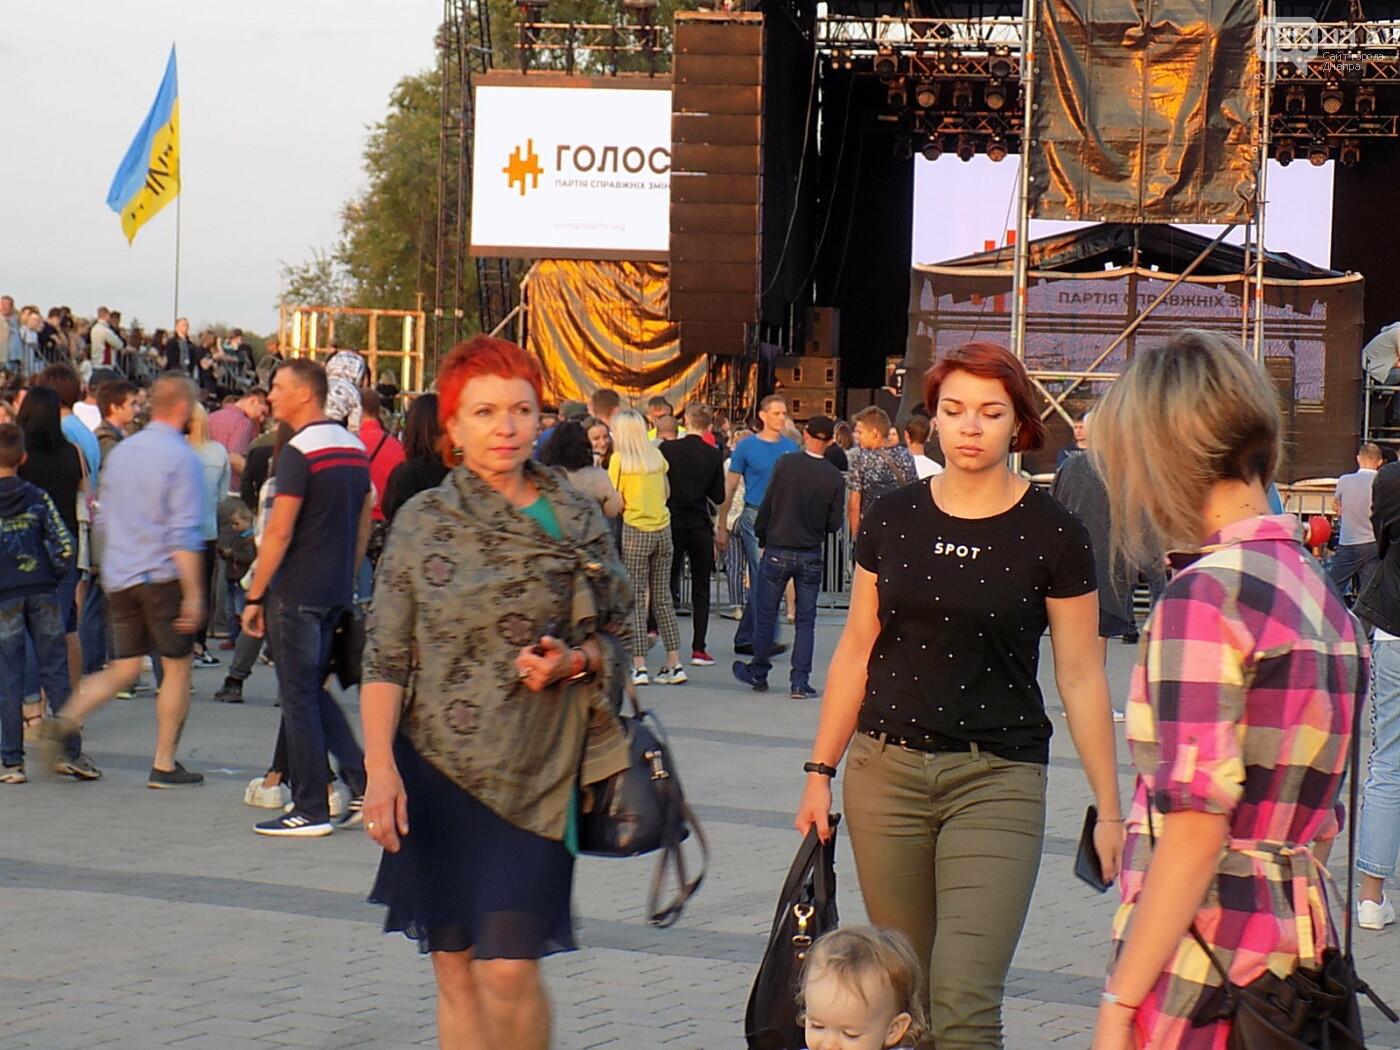 В Днепре прошел концерт группы Океан Эльзы: как это было, - ФОТО, фото-6